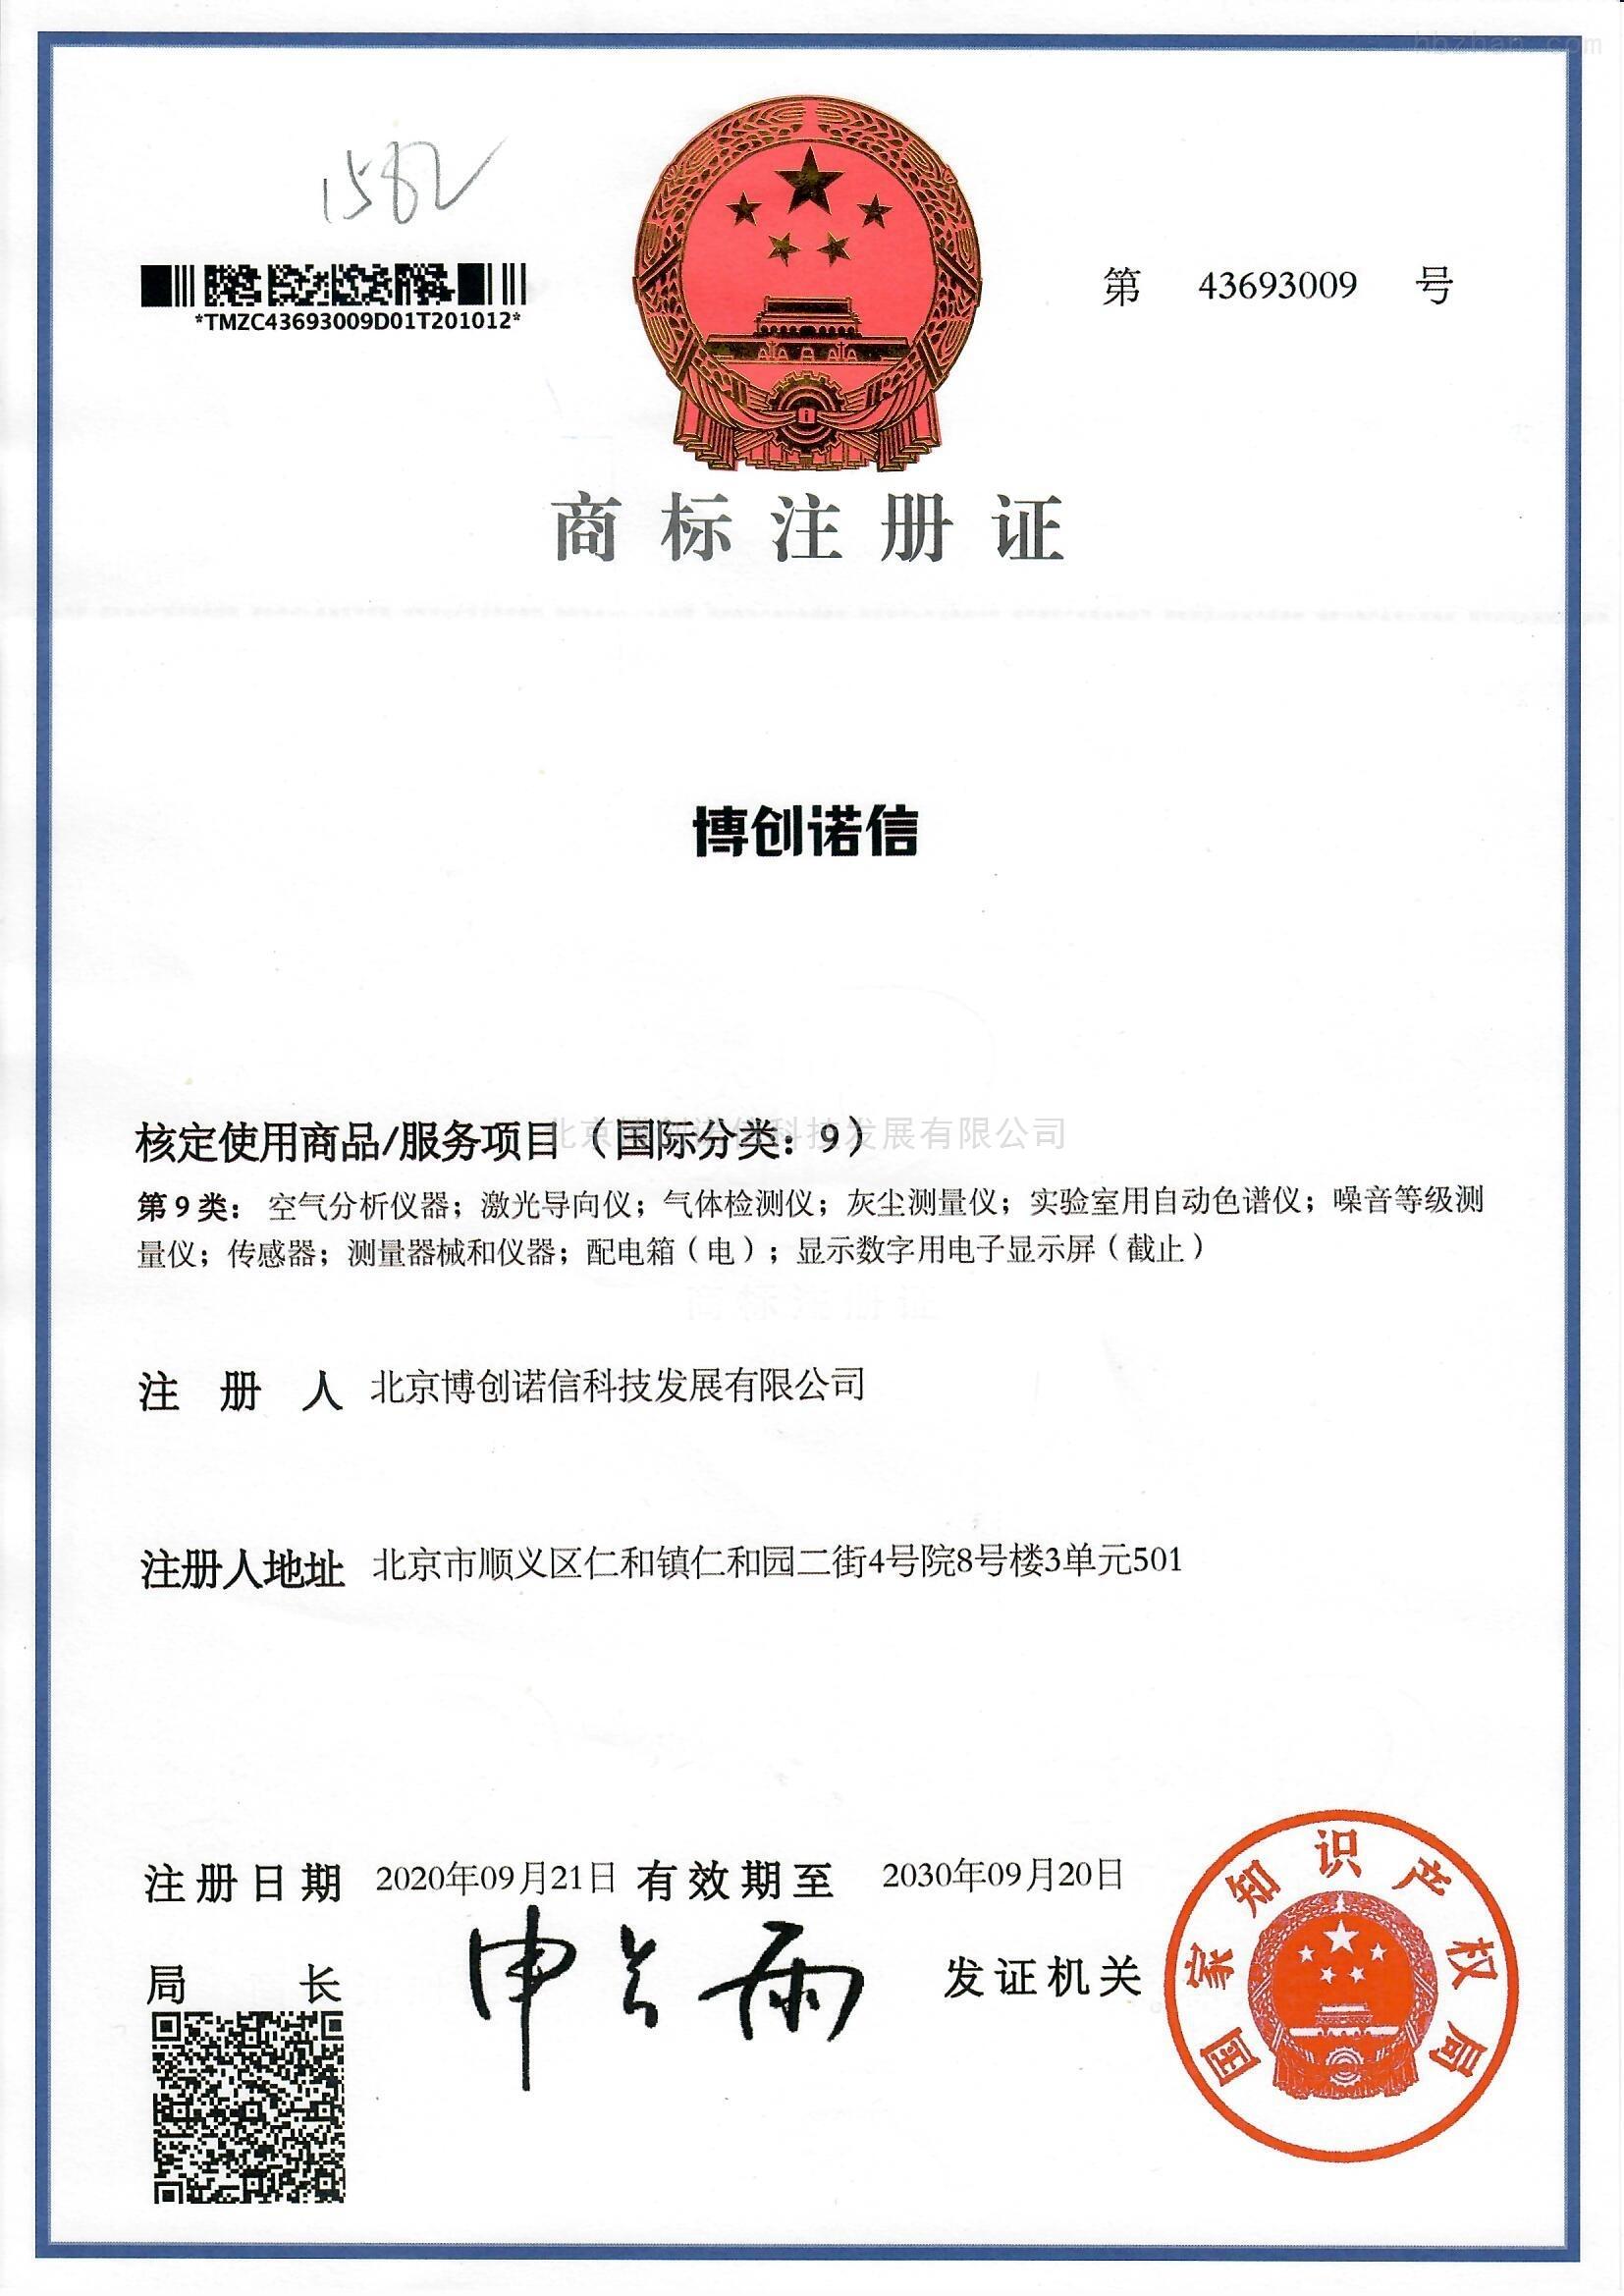 博创诺信商标注册证中文